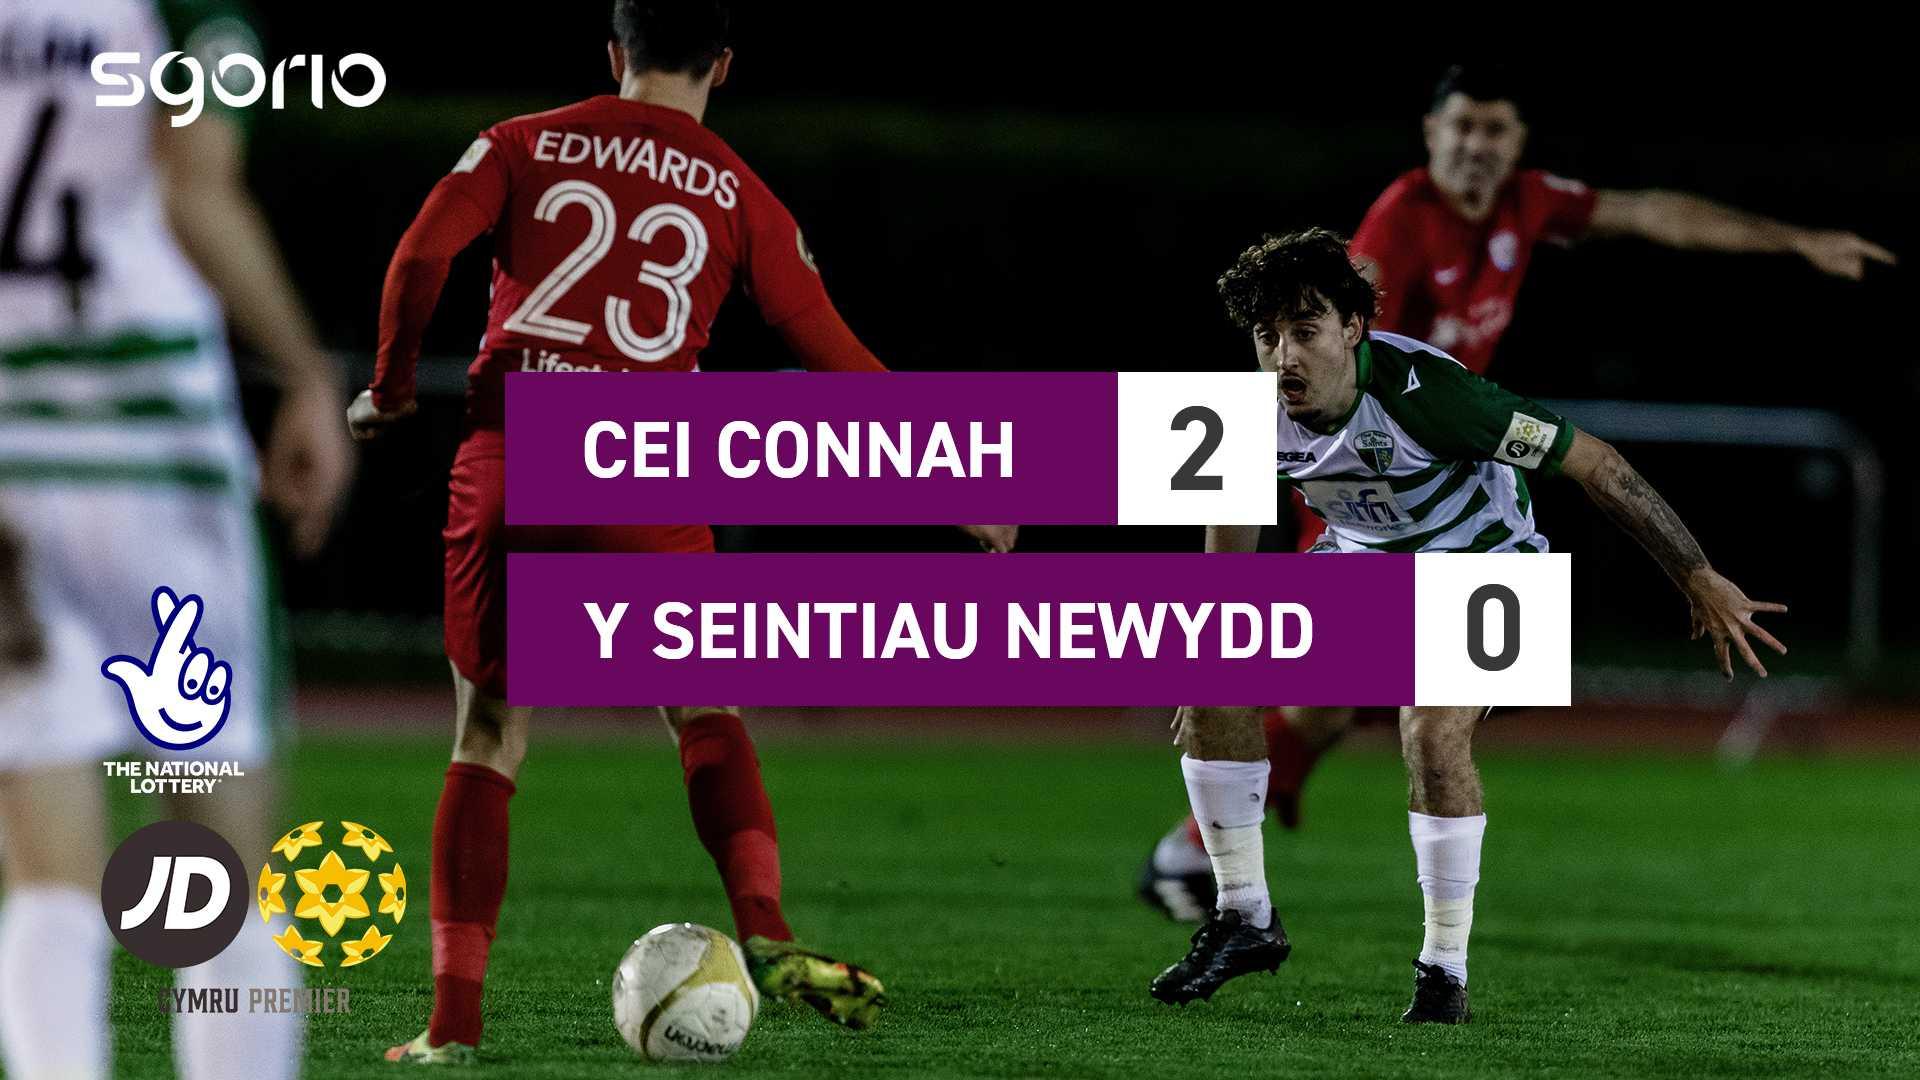 Cei Connah 2-0 Y Seintiau Newydd